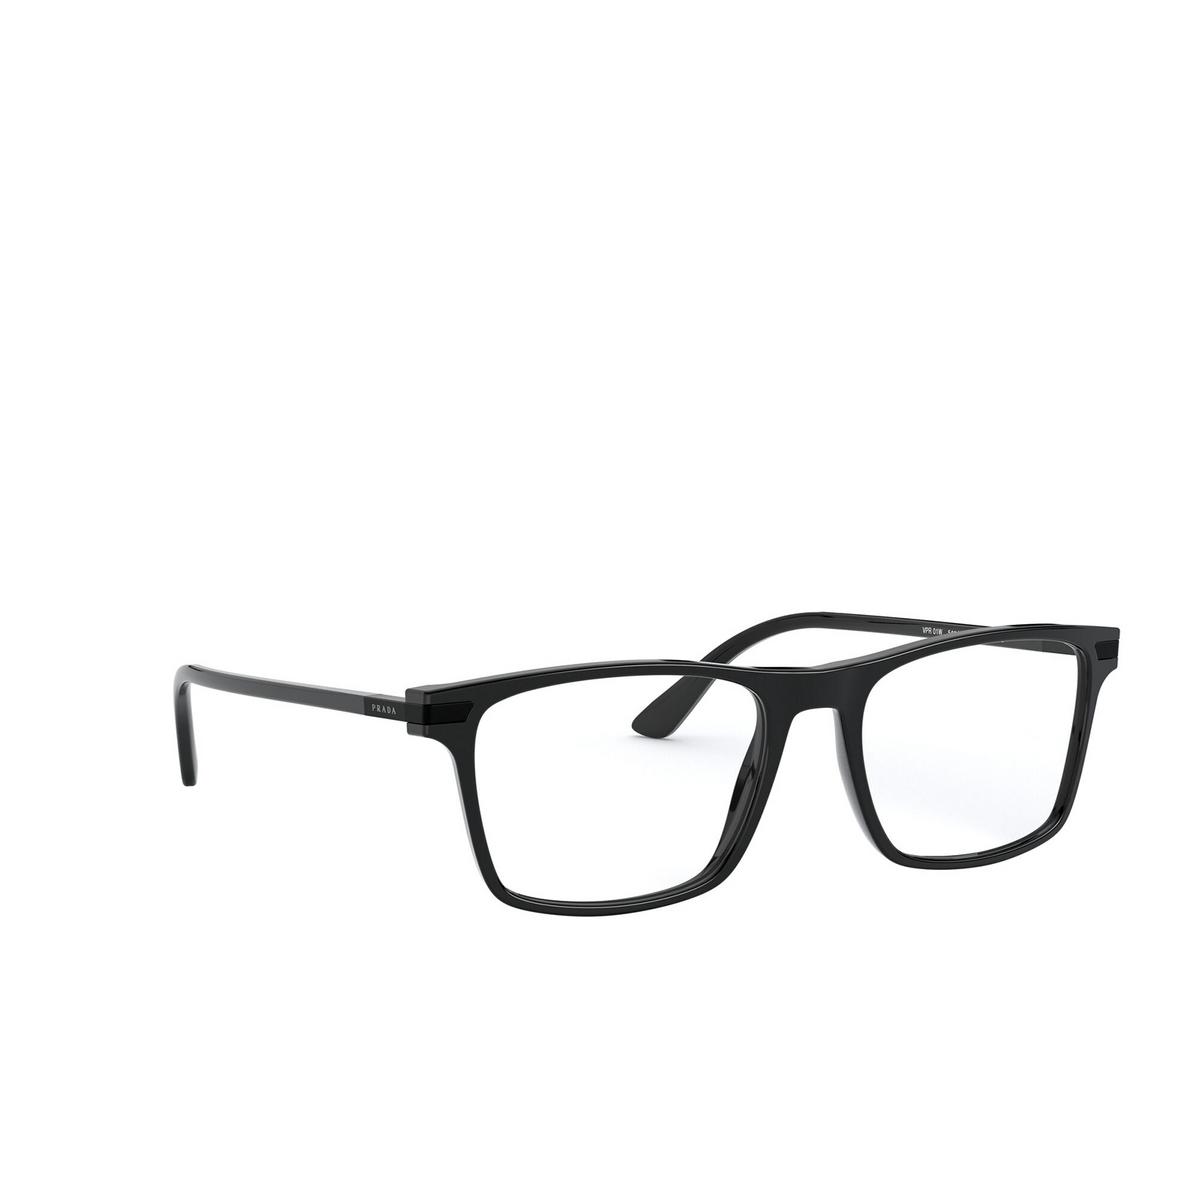 Prada® Rectangle Eyeglasses: PR 01WV color Black 07F1O1 - three-quarters view.